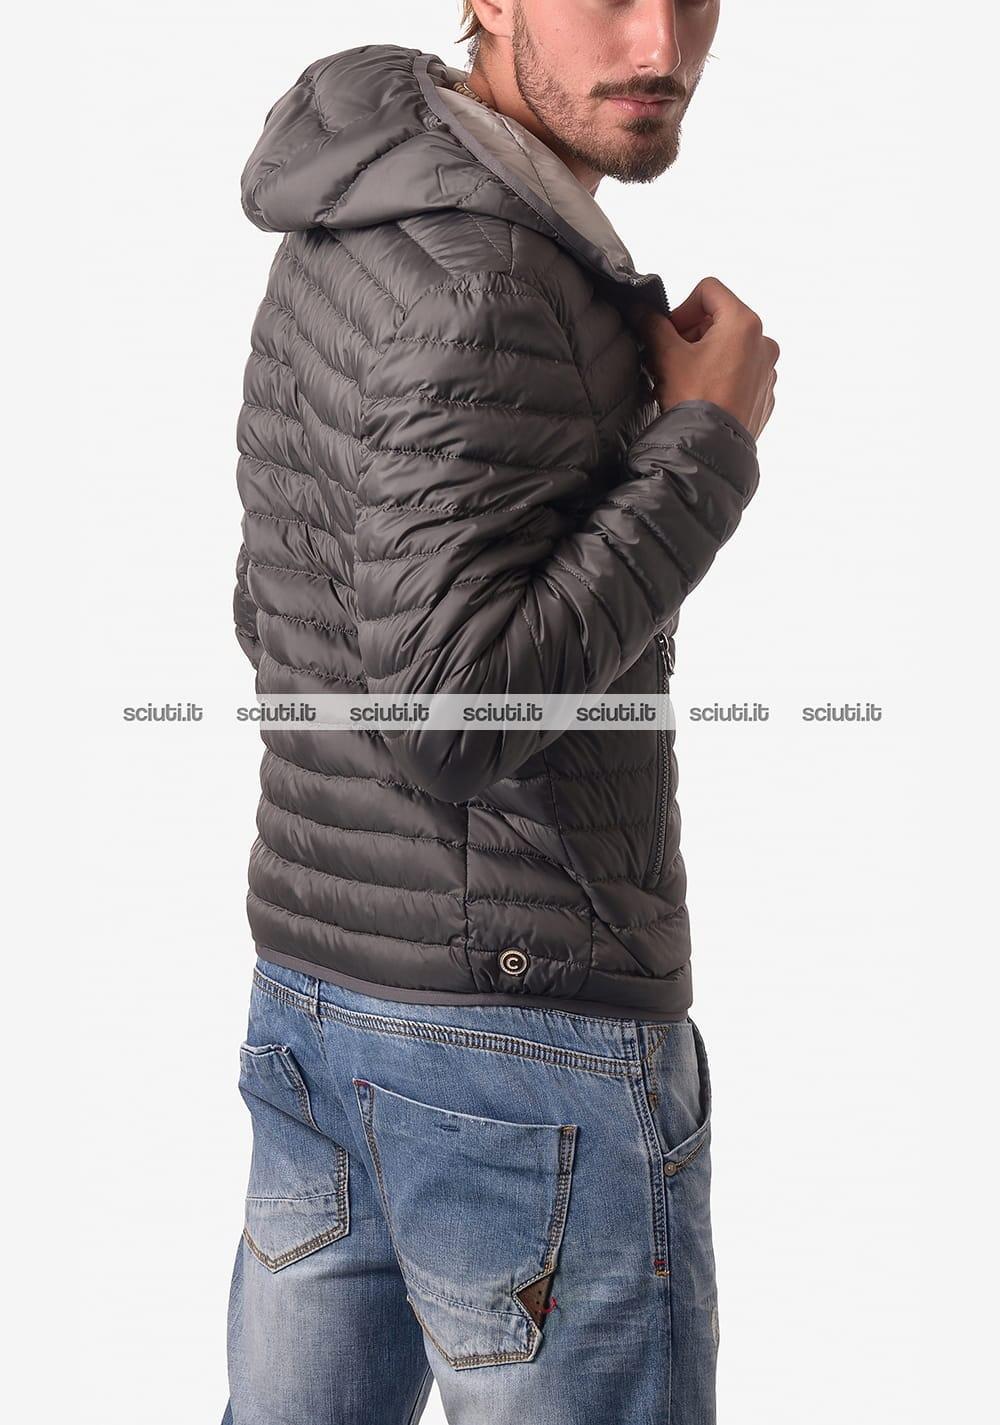 50 Giacche e cappotti Abbigliamento Colmar Piumino 1277R 1MQ